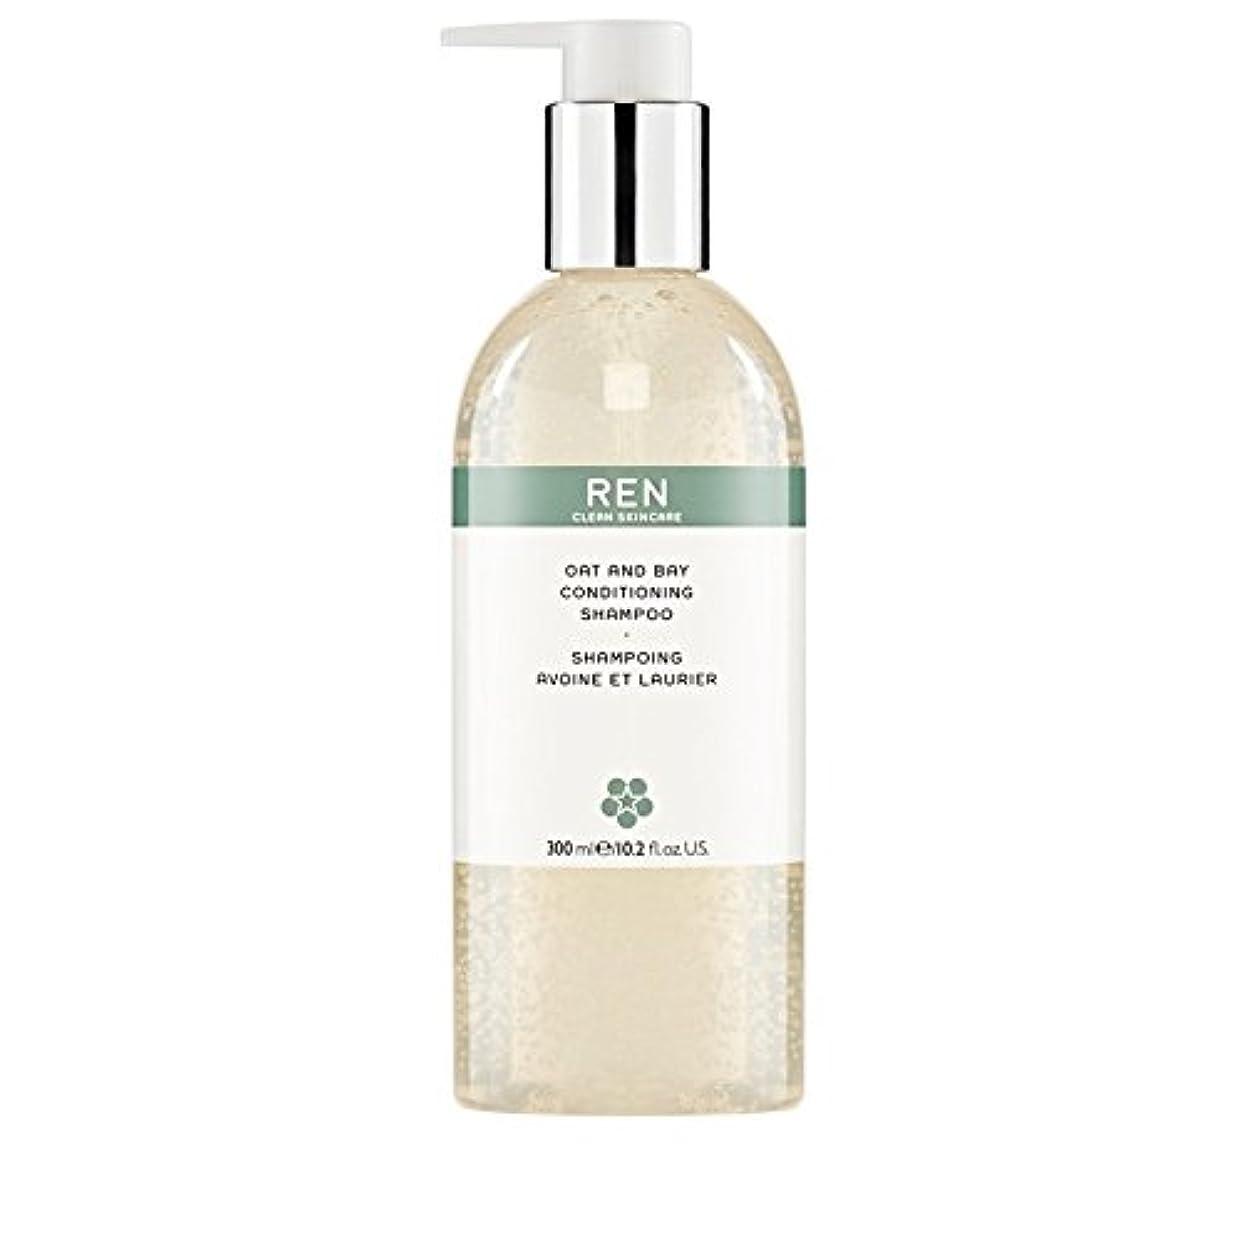 ラビリンス無線診療所REN Oat and Bay Conditioning Shampoo 300ml - オート麦とベイコンディショニングシャンプー300ミリリットル [並行輸入品]